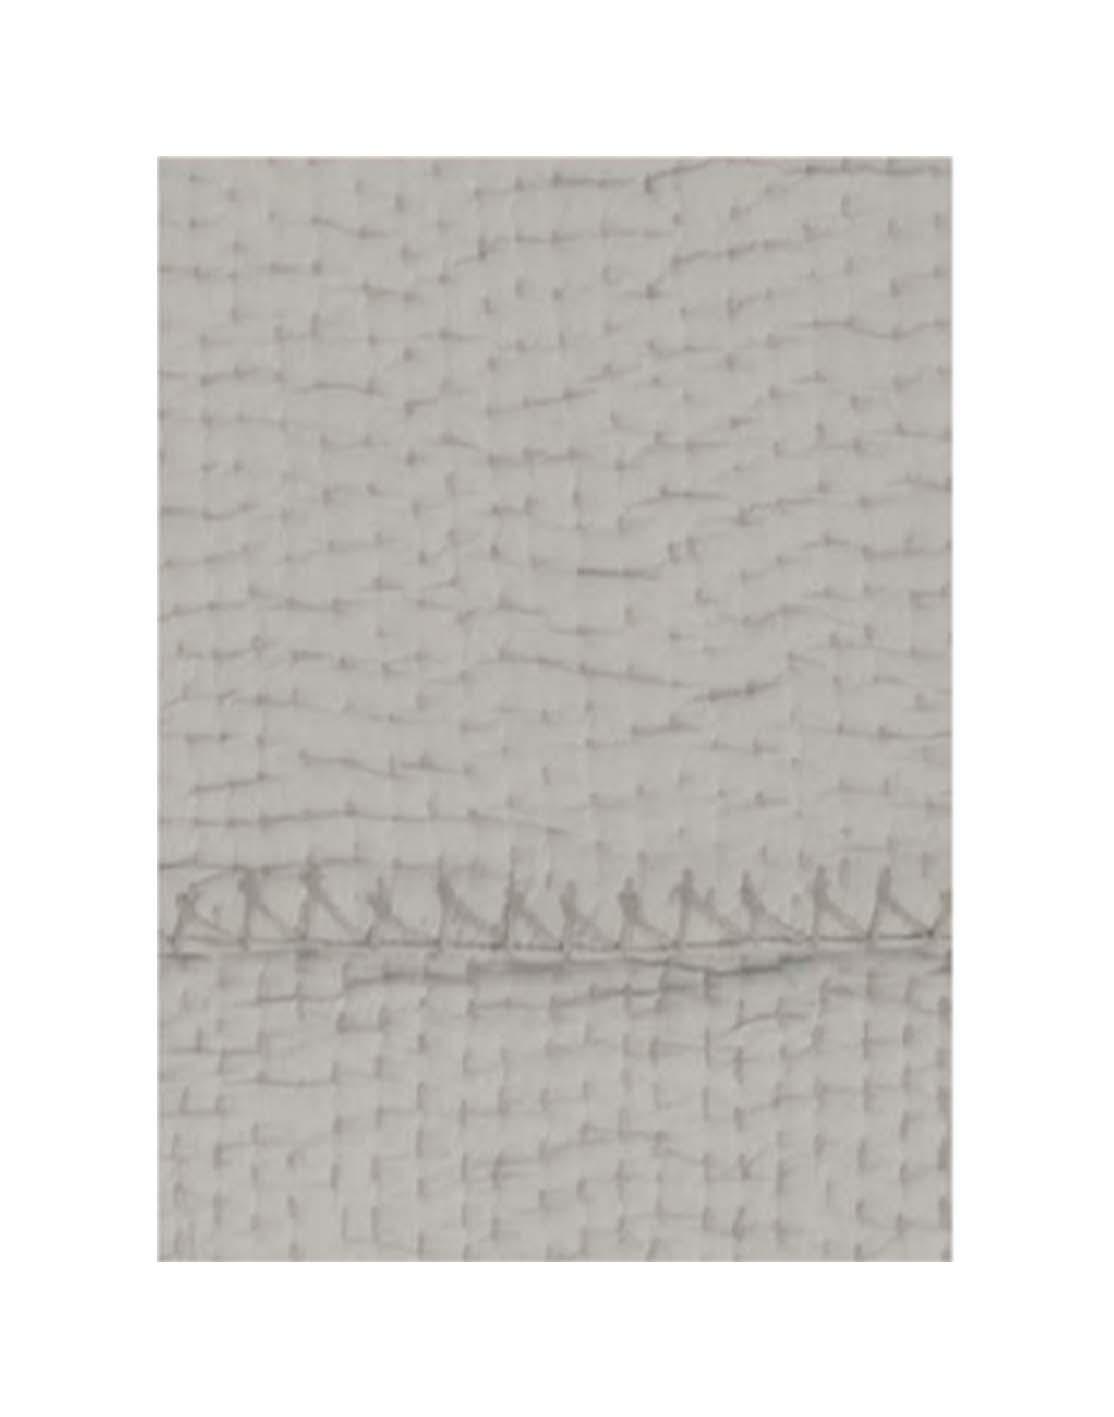 Blanc dIvoire sprei interieur kleur grijs 2504201902